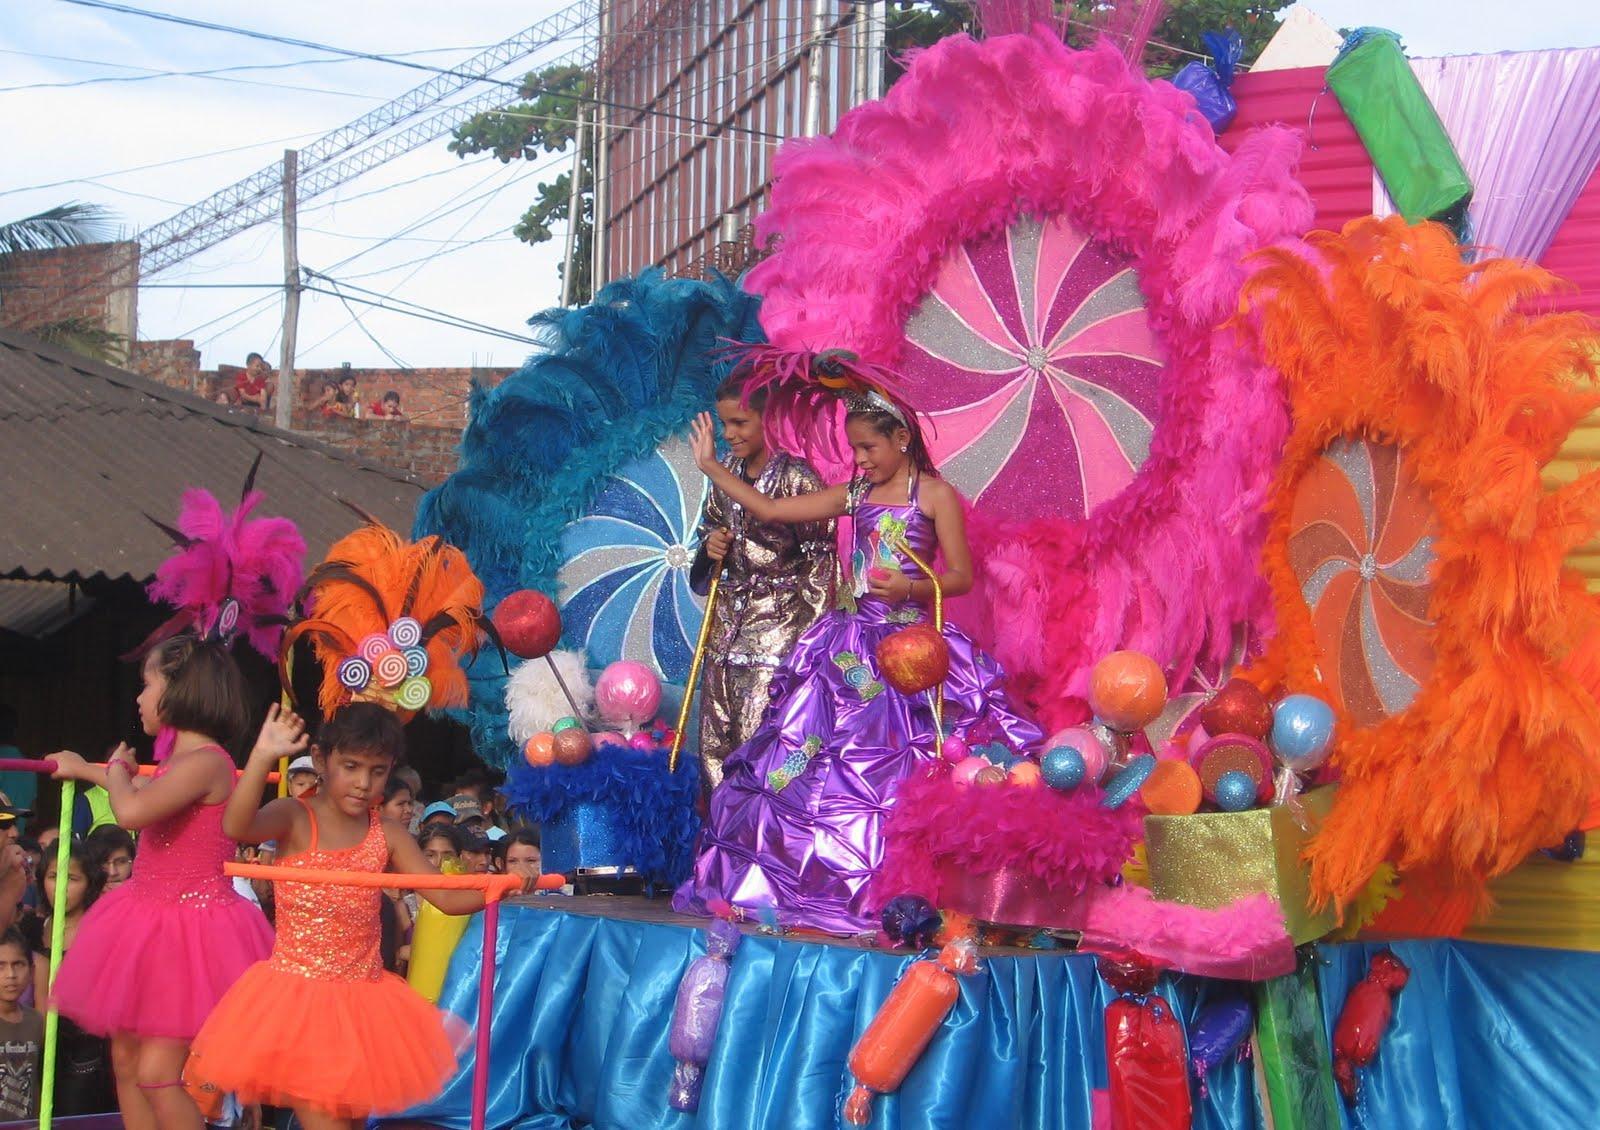 Reina Infantil Del Carnaval Las Deliciasmaria Alejandra Ganoza Cacho